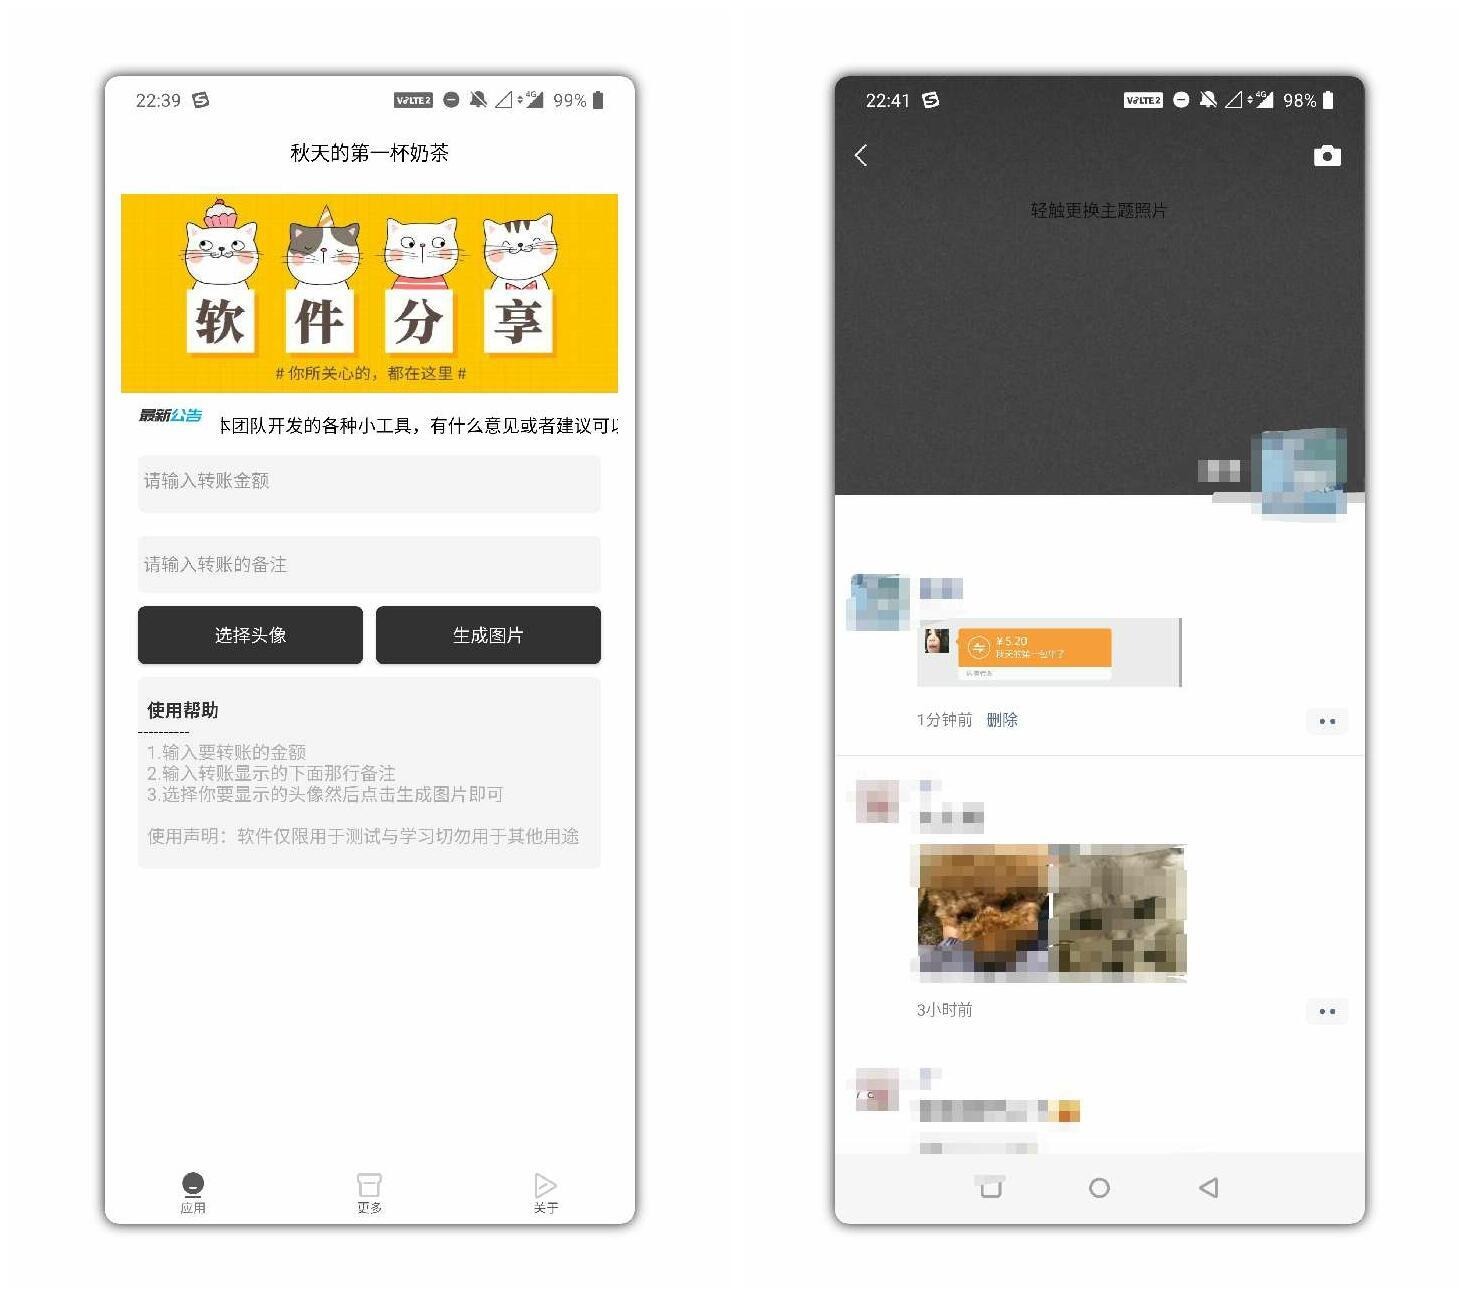 微信转账生成器App 秋天的第一杯奶茶